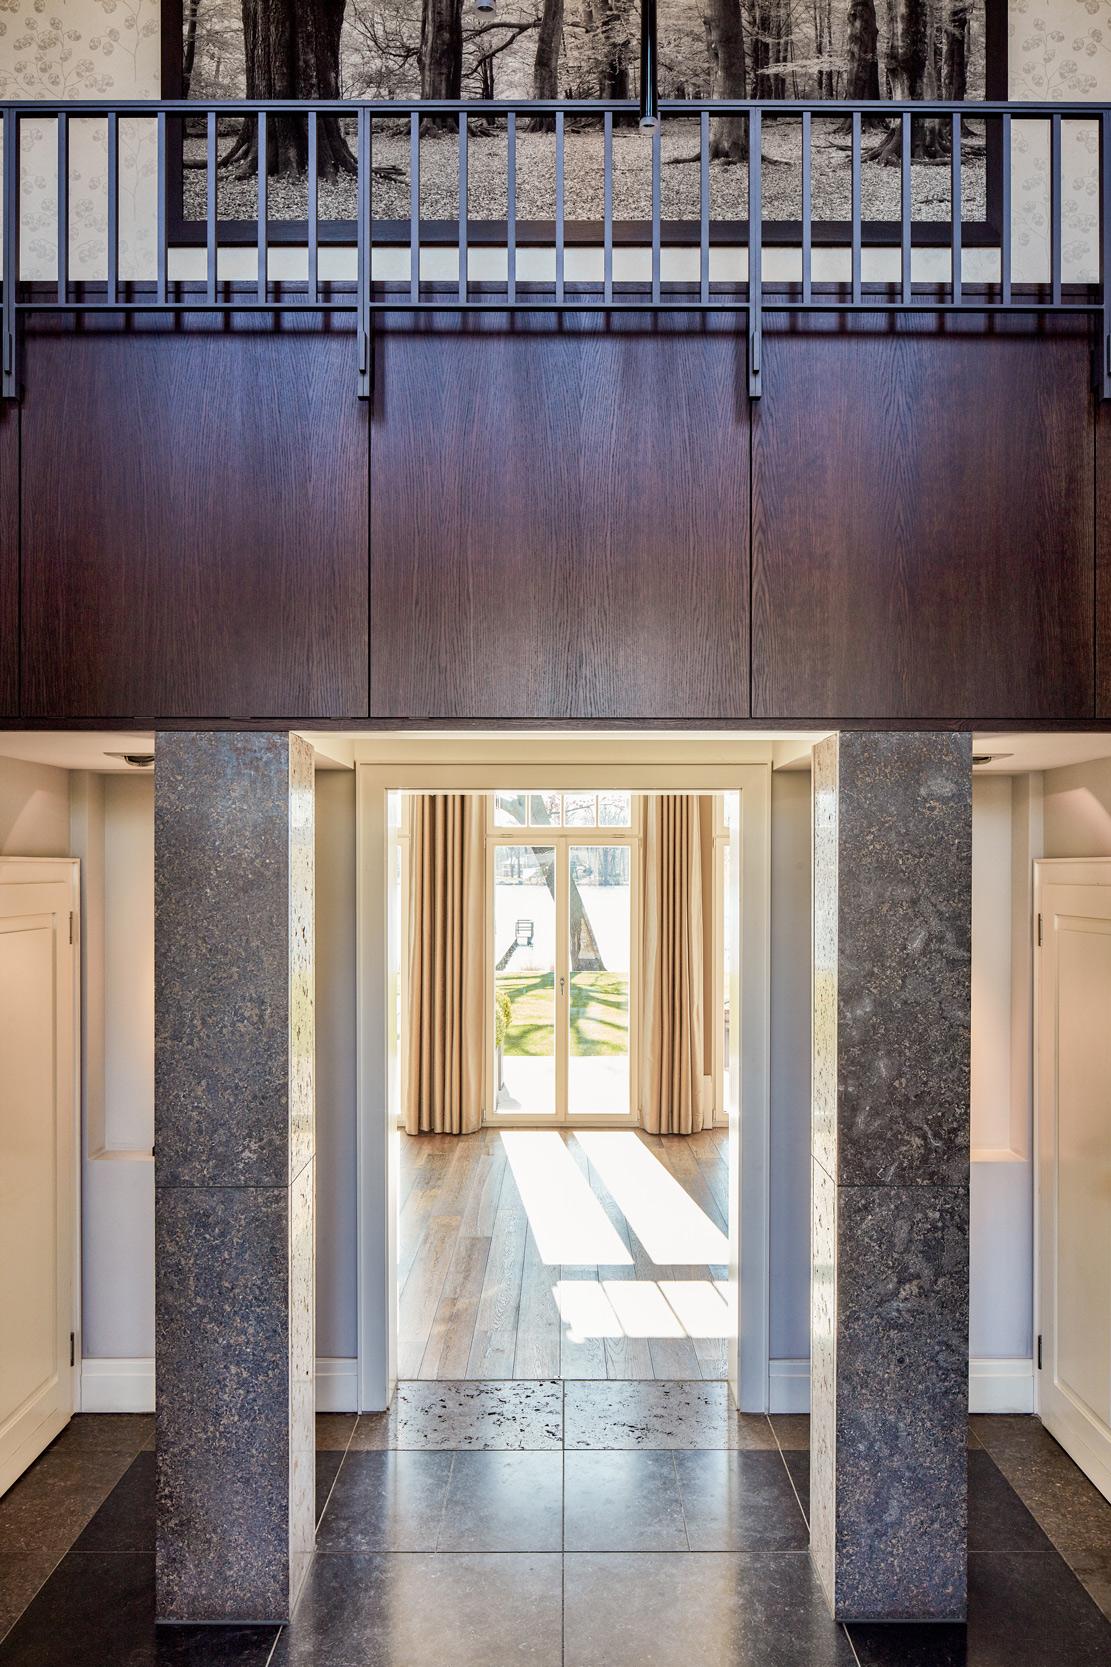 Neubau einer Villa in klassisch-traditioneller Architektursprache - Vom Haupteingang aus hat man über die Galerie direkte Sicht zum See.